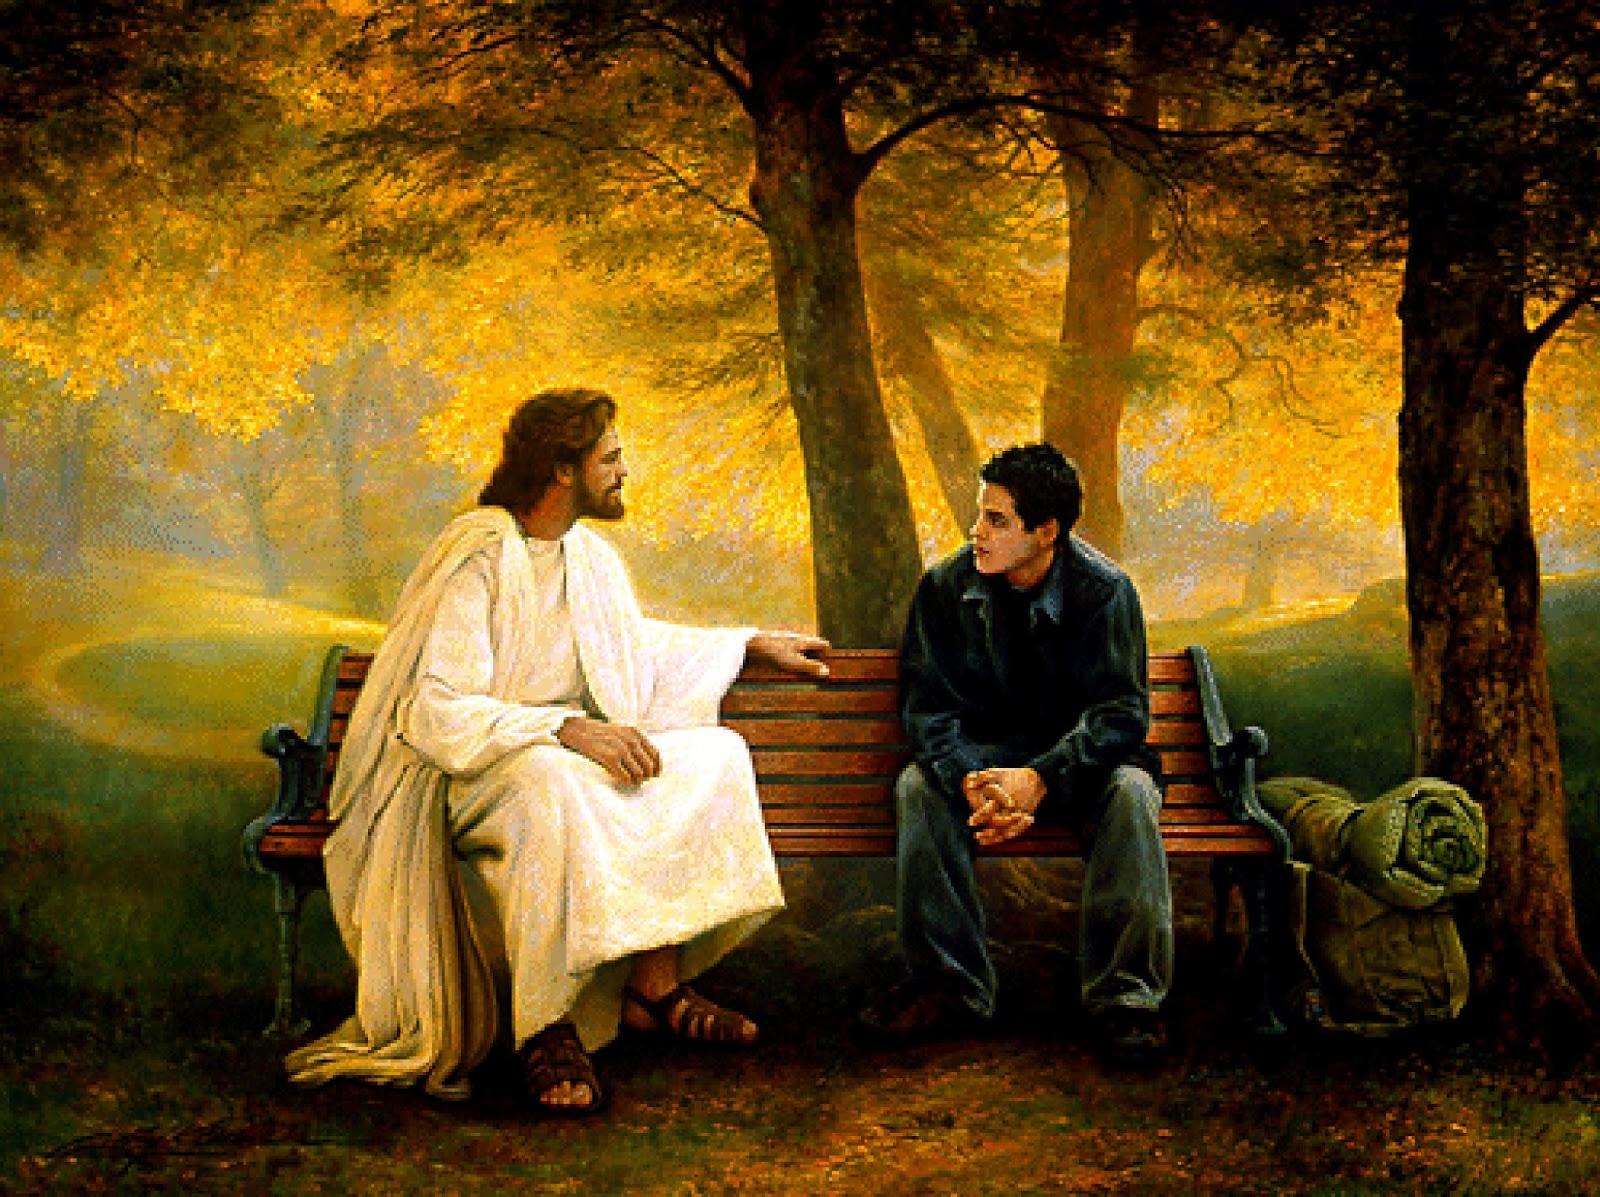 É possível falar com Deus